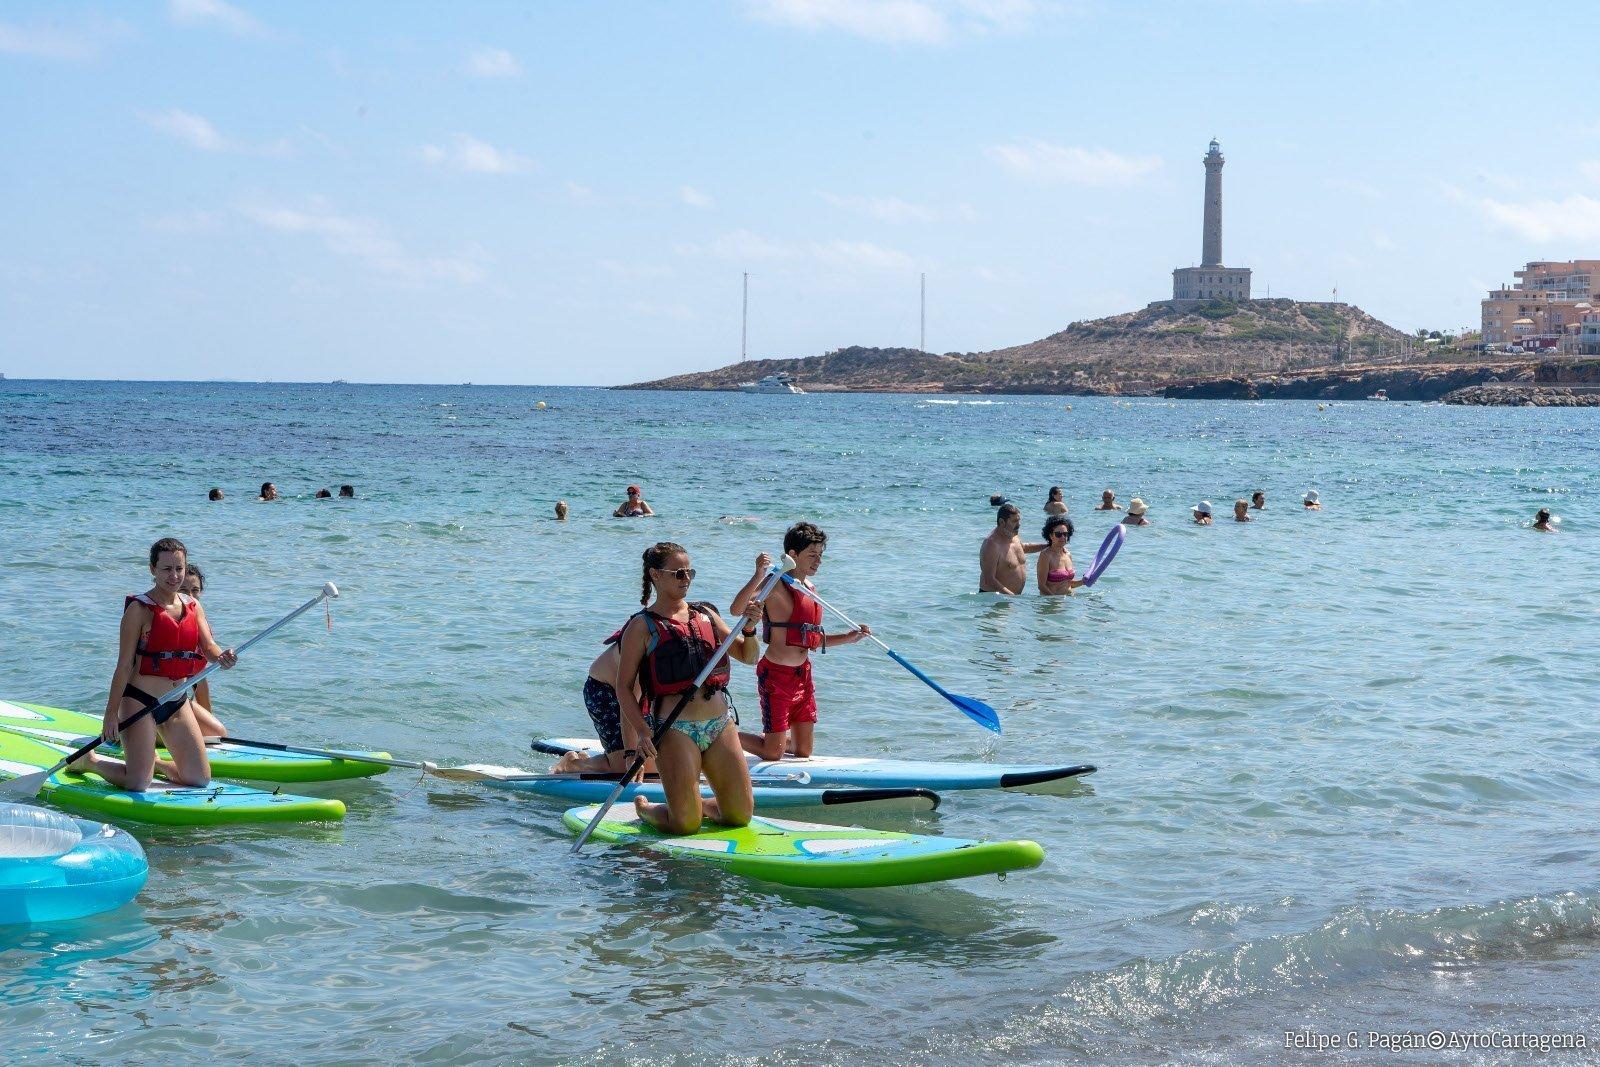 Arranca el Cabo de Pop 2019 con actividades náuticas